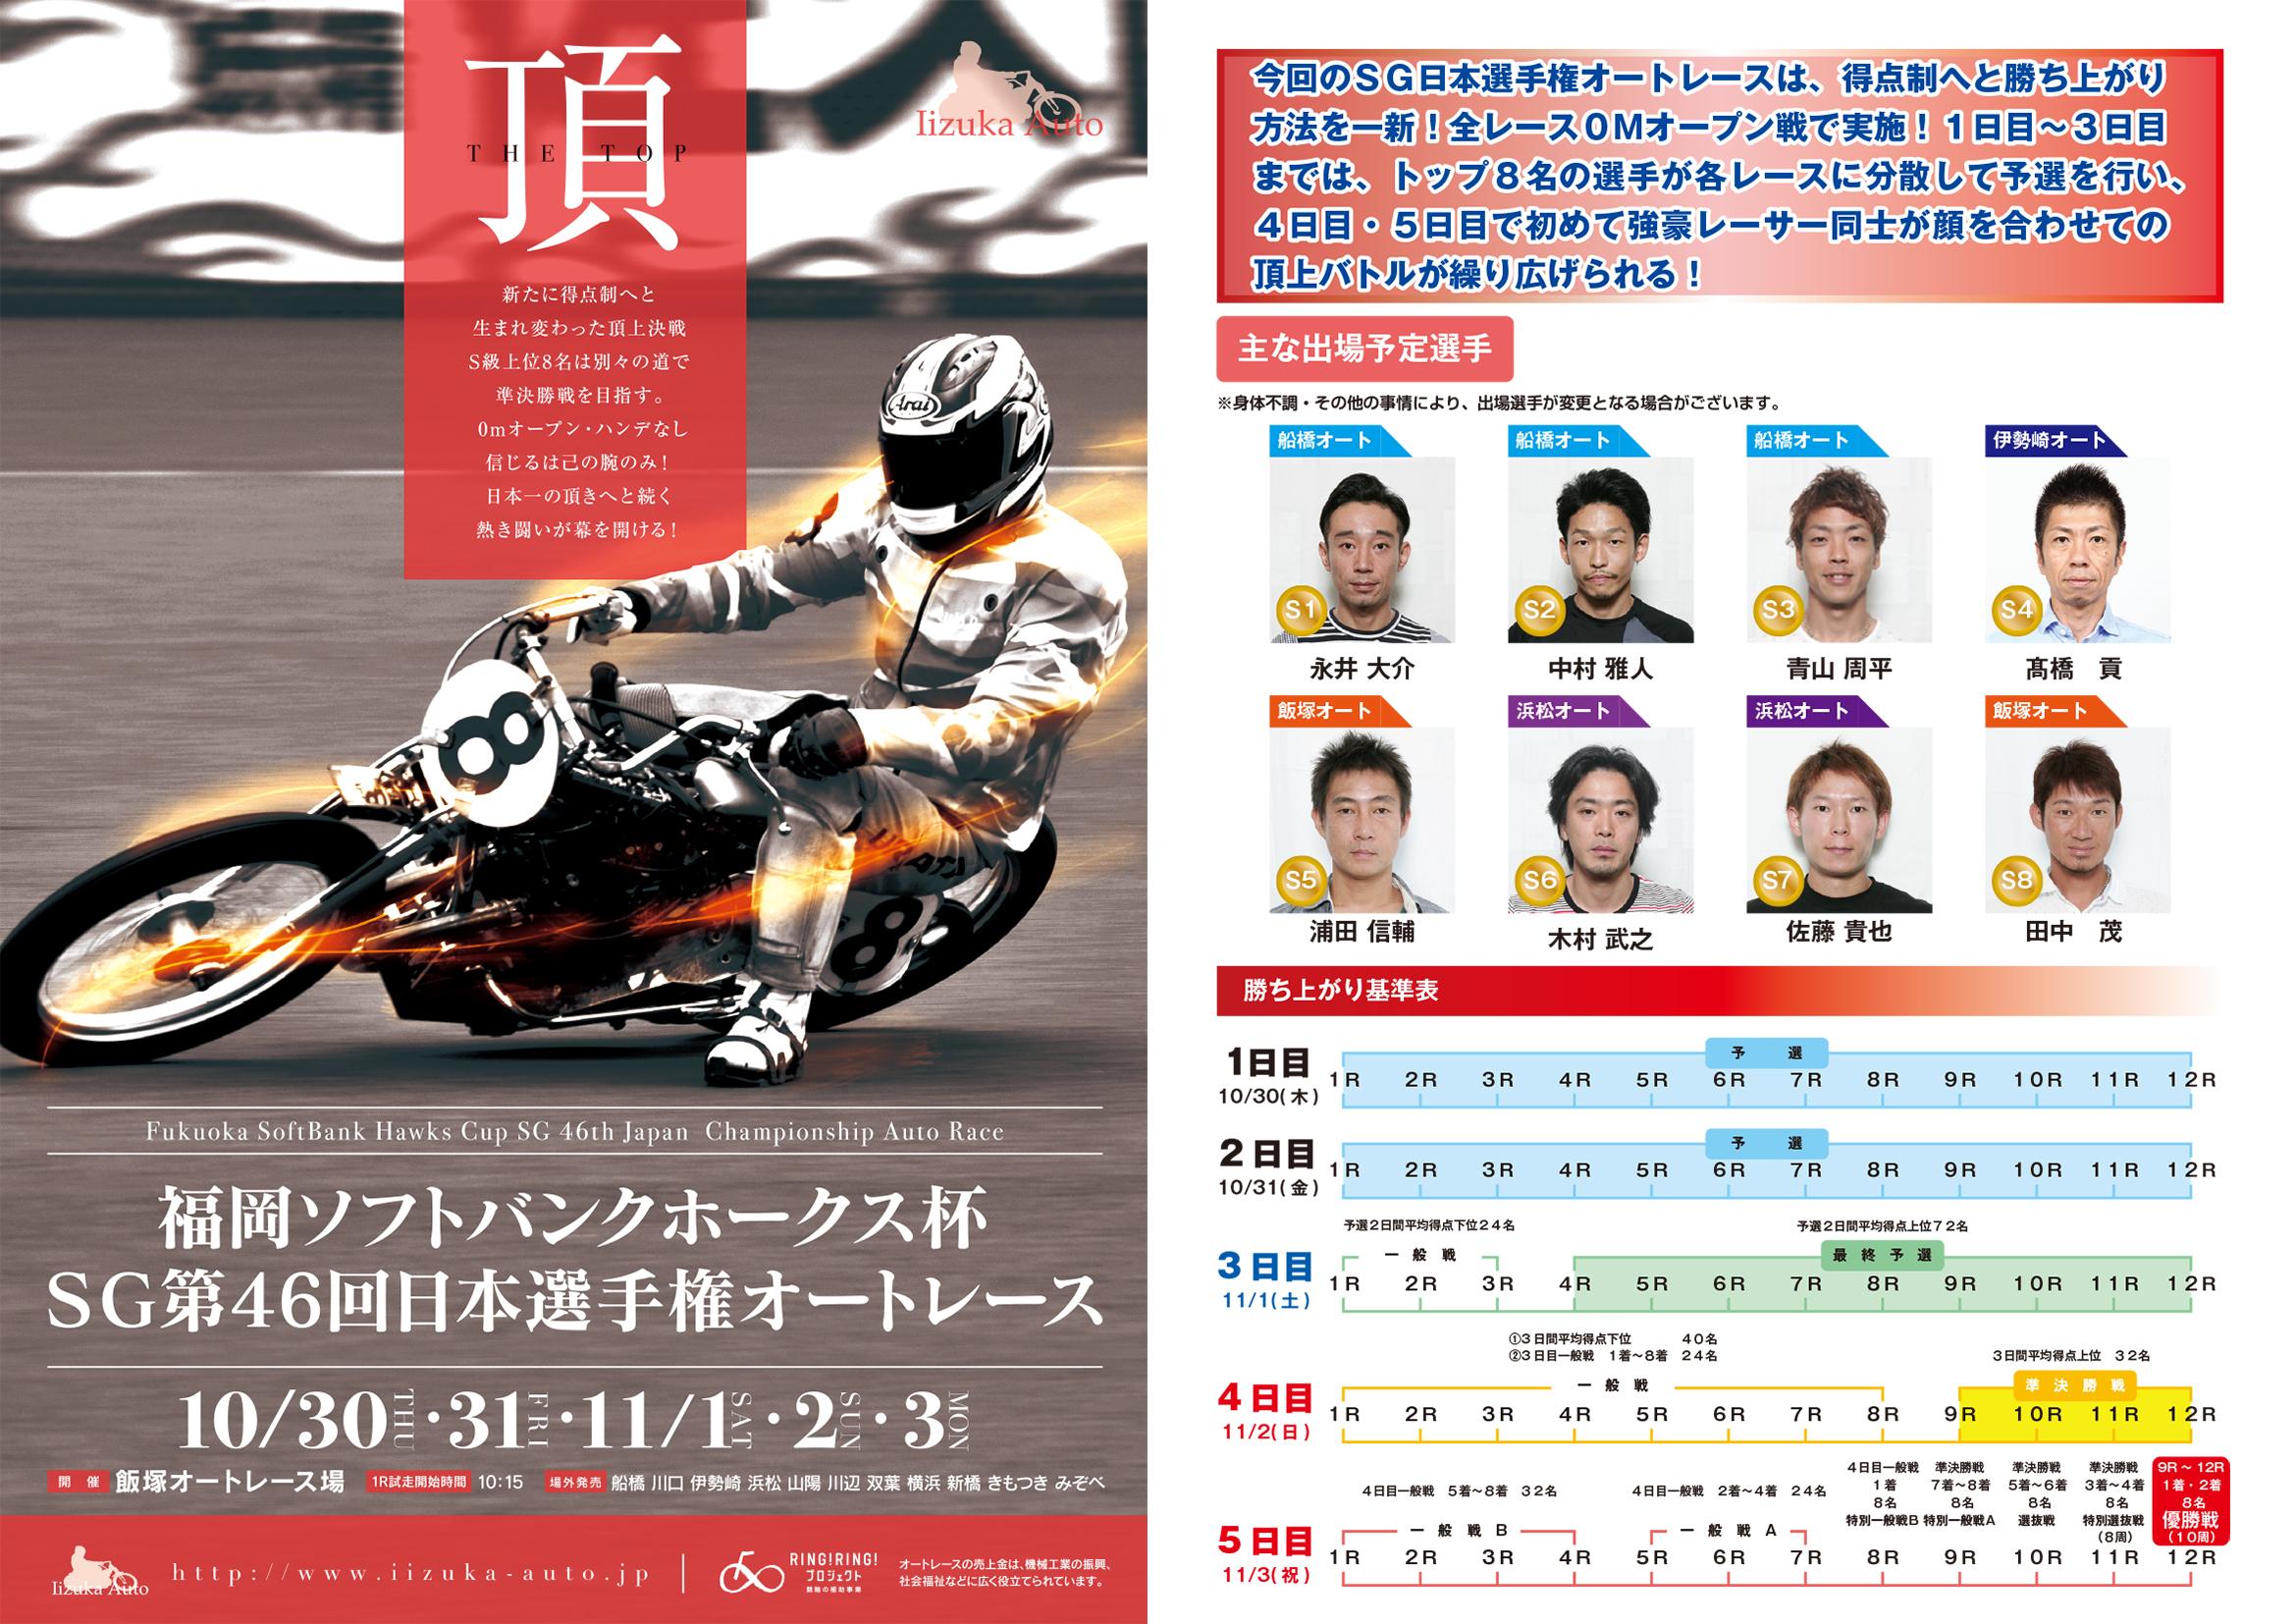 結果 飯塚 オート レース